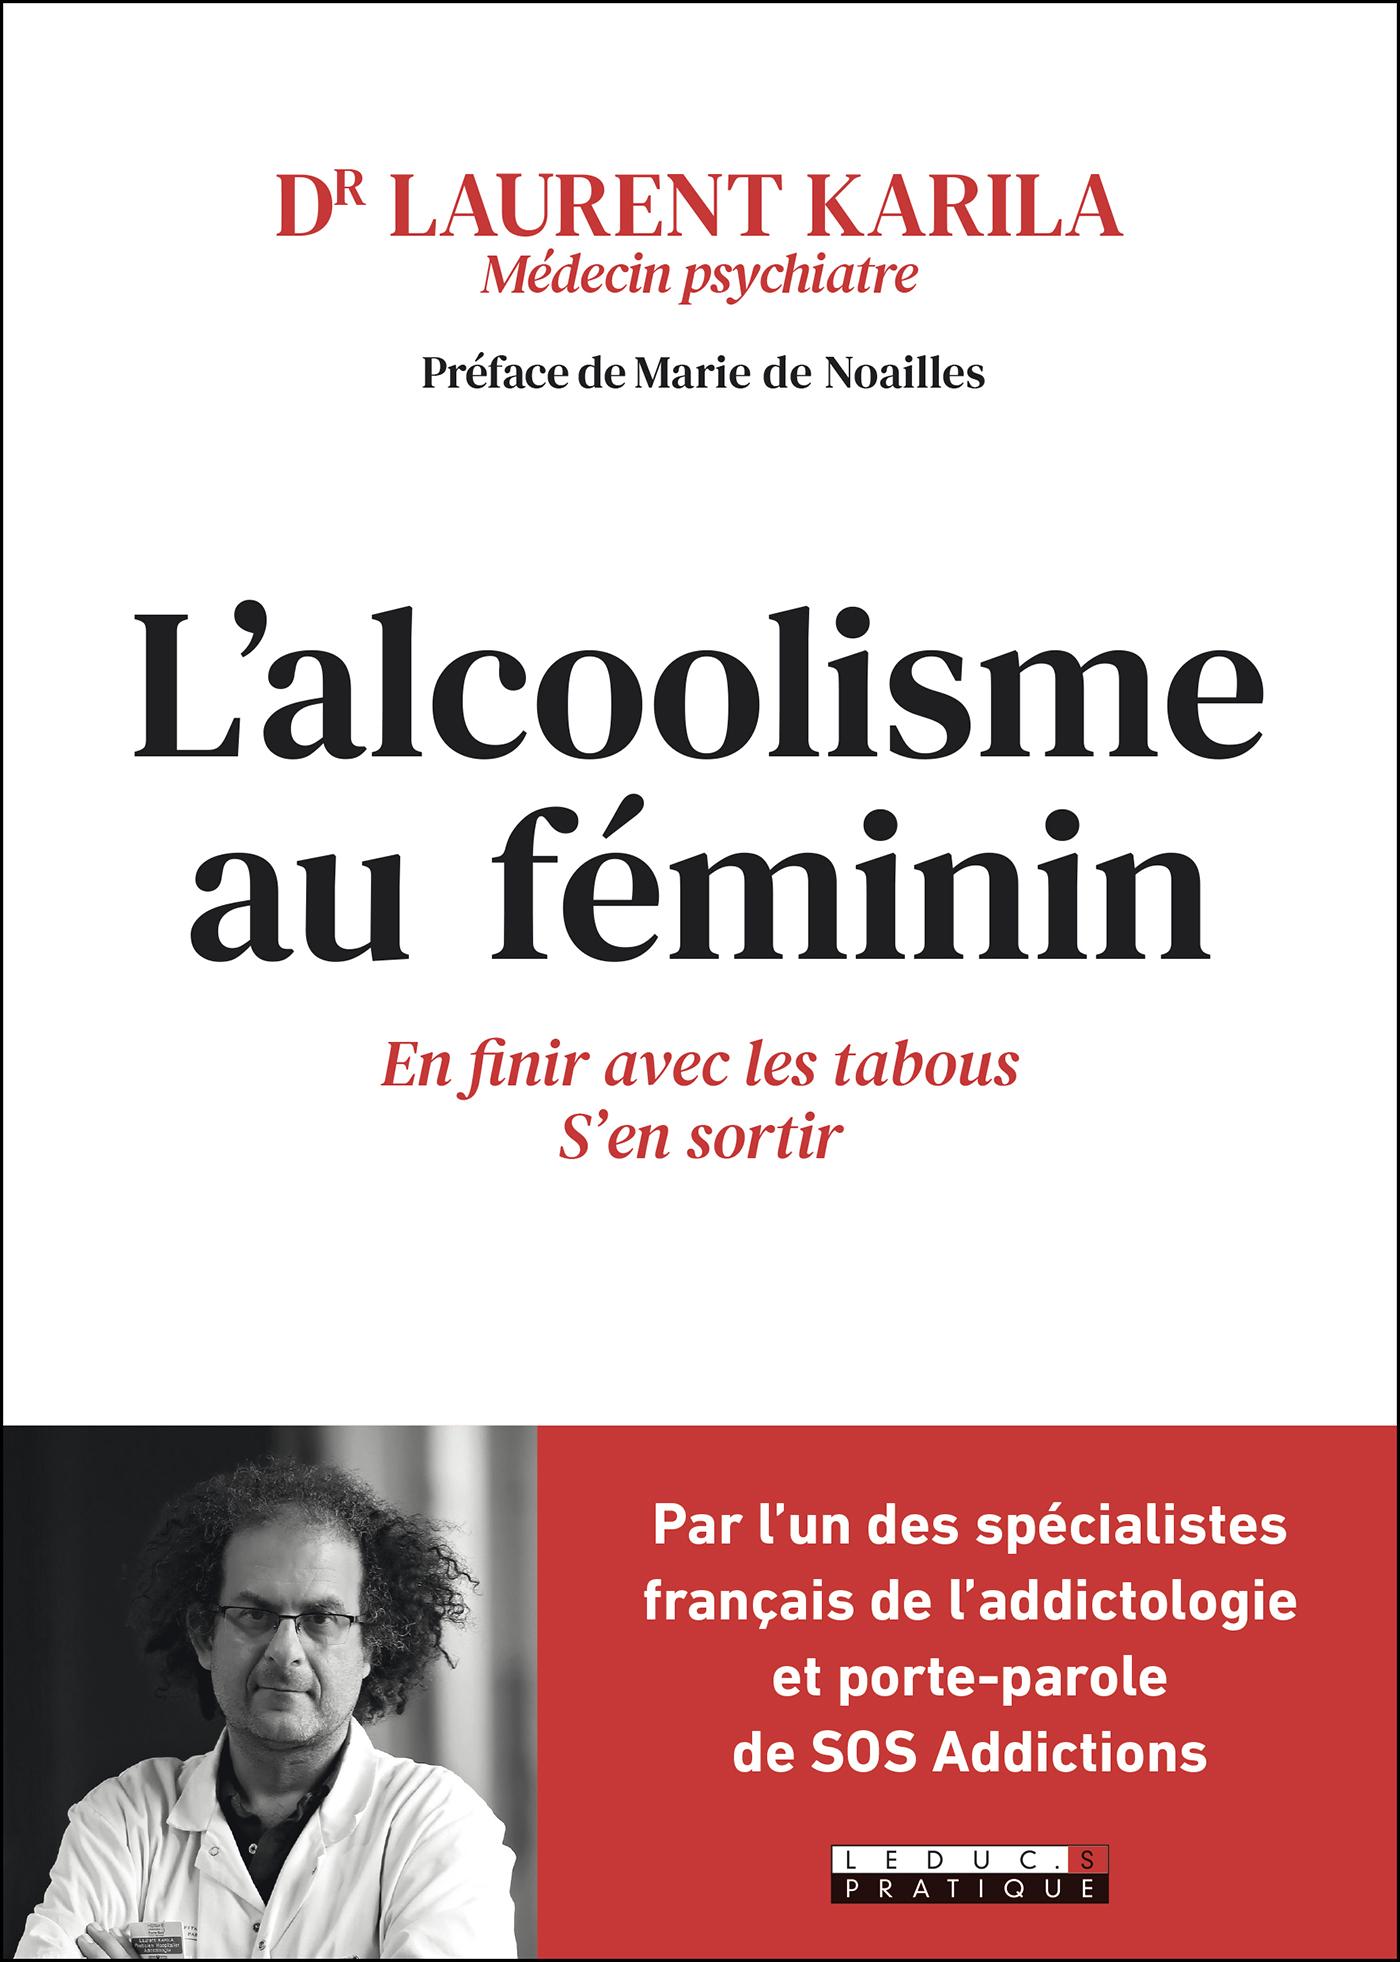 L'alcoolisme au féminin - Laurent Karila